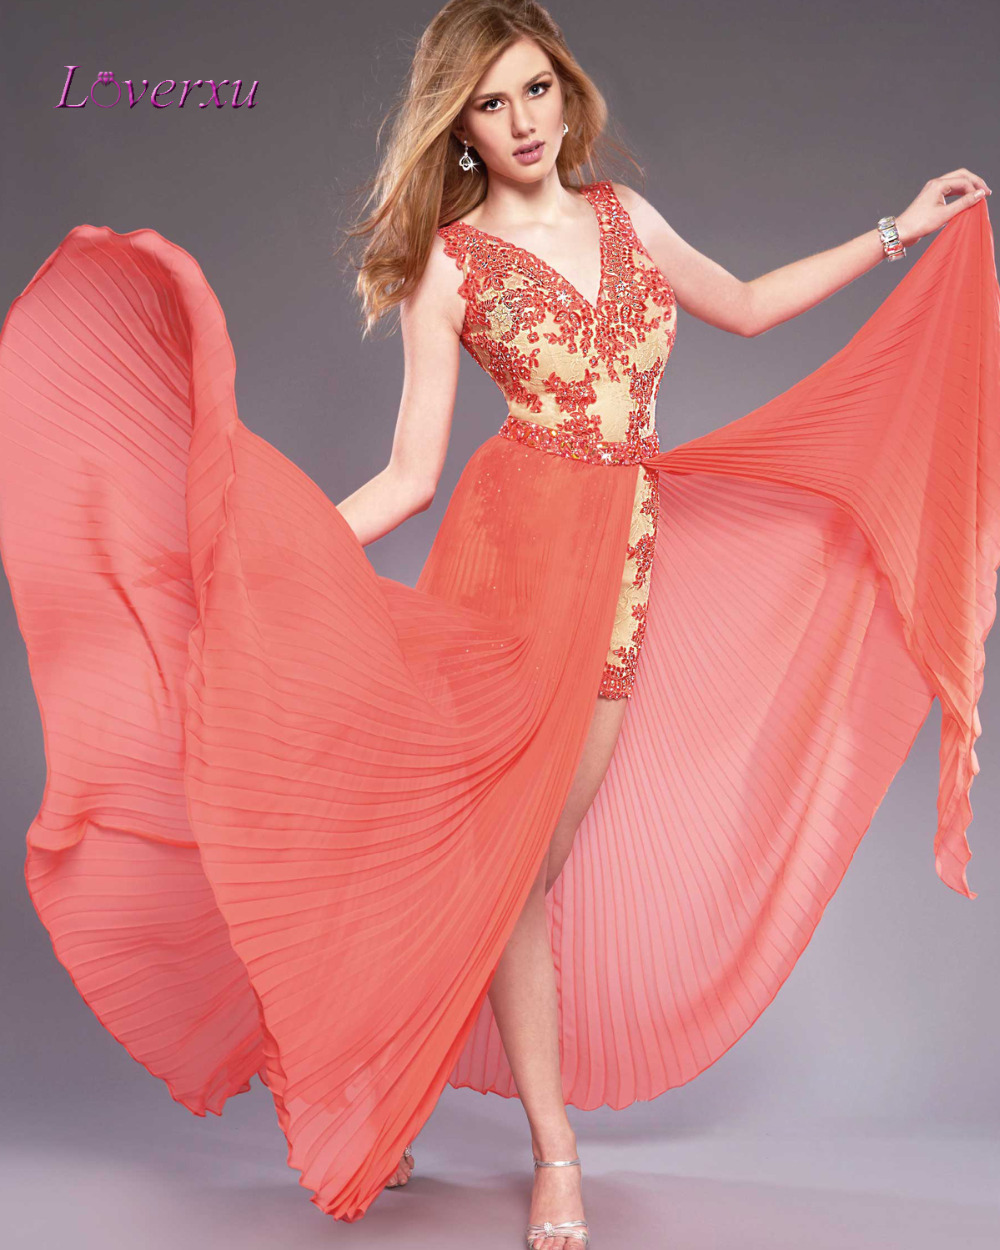 Moderno Falda De Tul Vestido De Baile Colección de Imágenes ...